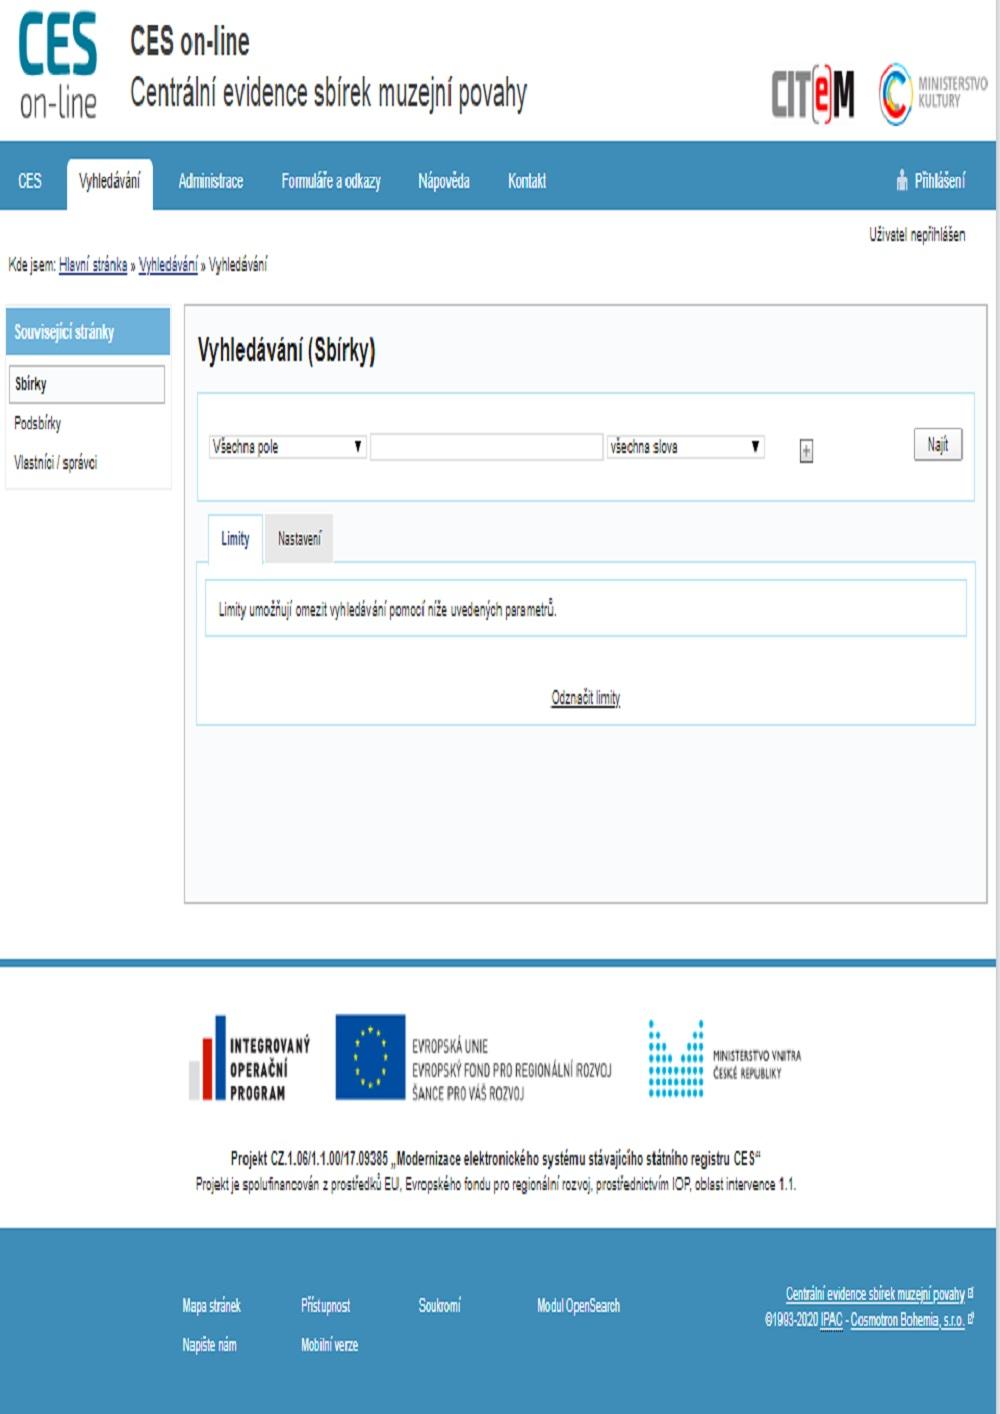 Žádost o povolení k vývozu kulturních statků mimo celní území Evropské unie – Ministerstvo kultury (MK)